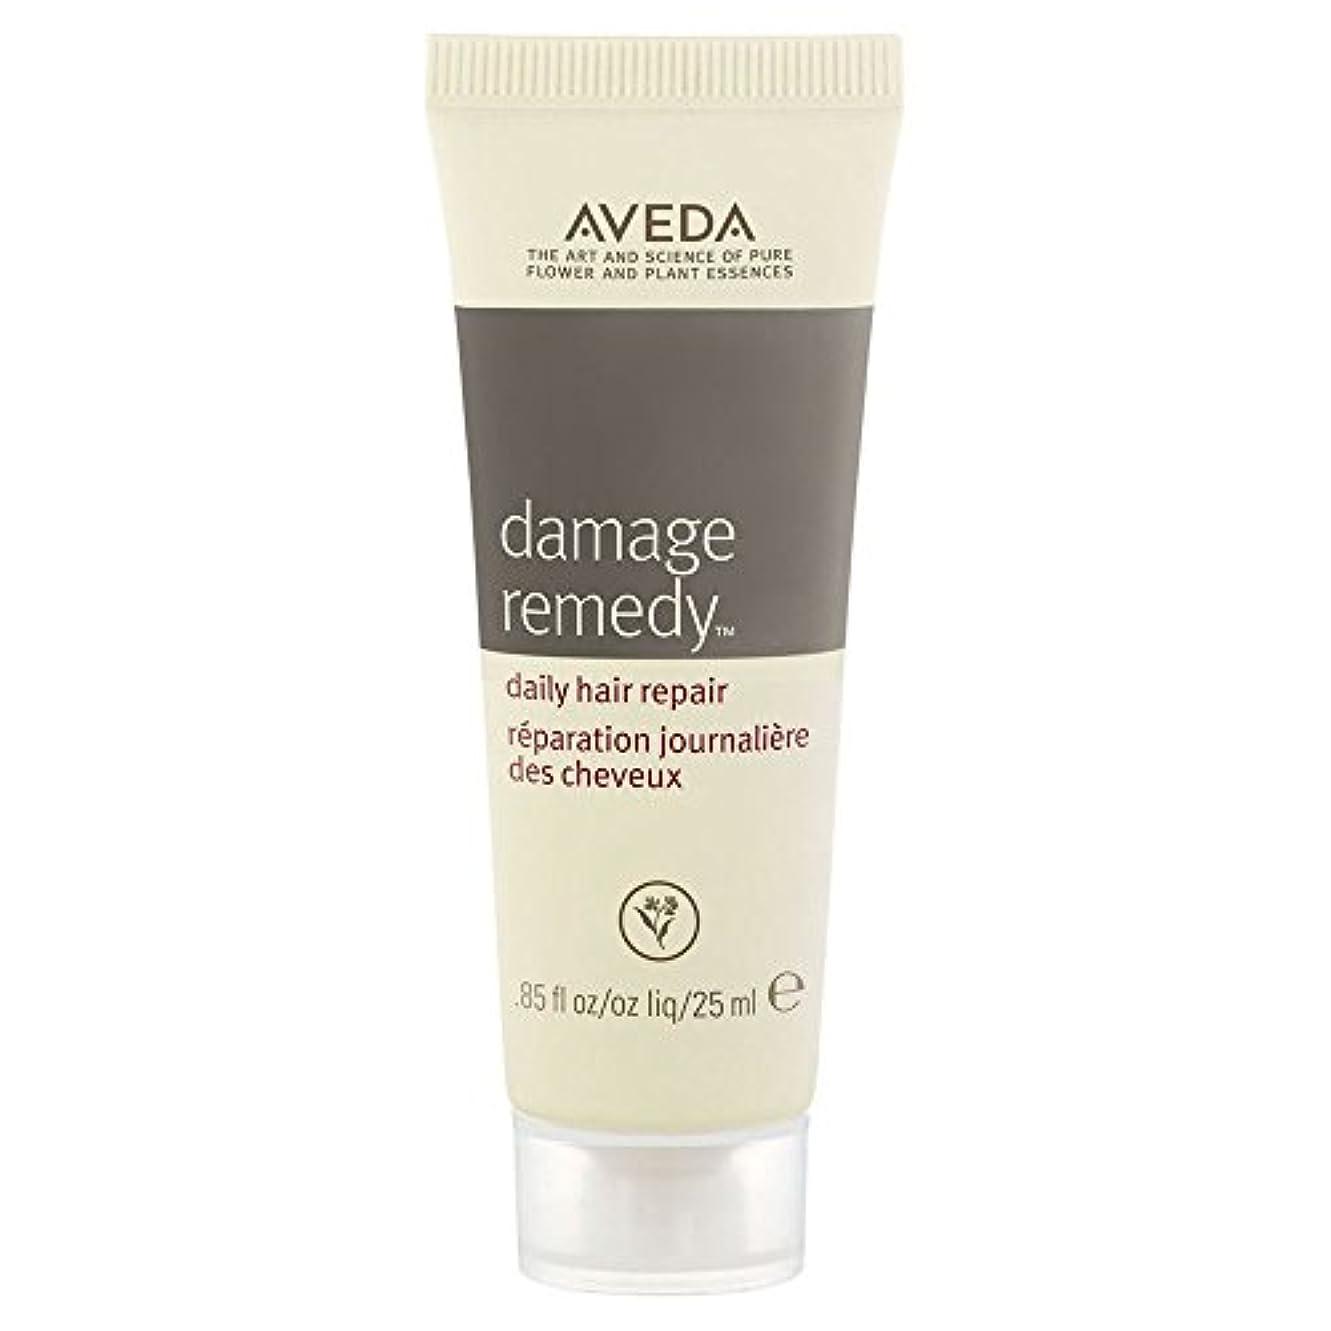 教育するブレーキエロチック[AVEDA] アヴェダダメージ救済毎日髪の補修 - Aveda Damage Remedy Daily Hair Repair [並行輸入品]